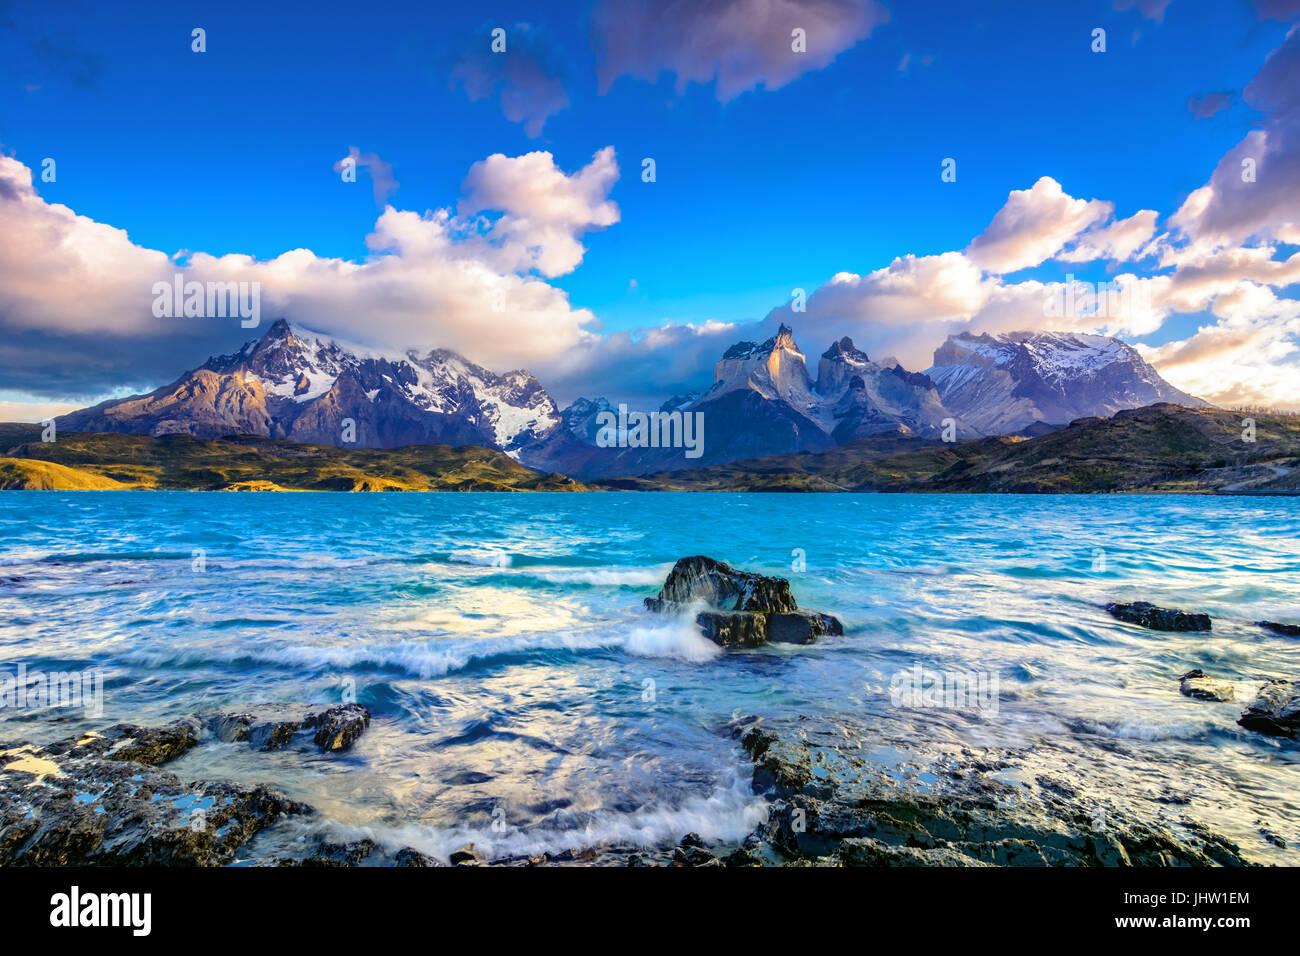 Torres del Paine oltre il lago pehoe, Patagonia, Cile - Patagonia meridionale del campo di ghiaccio, magellanes Immagini Stock